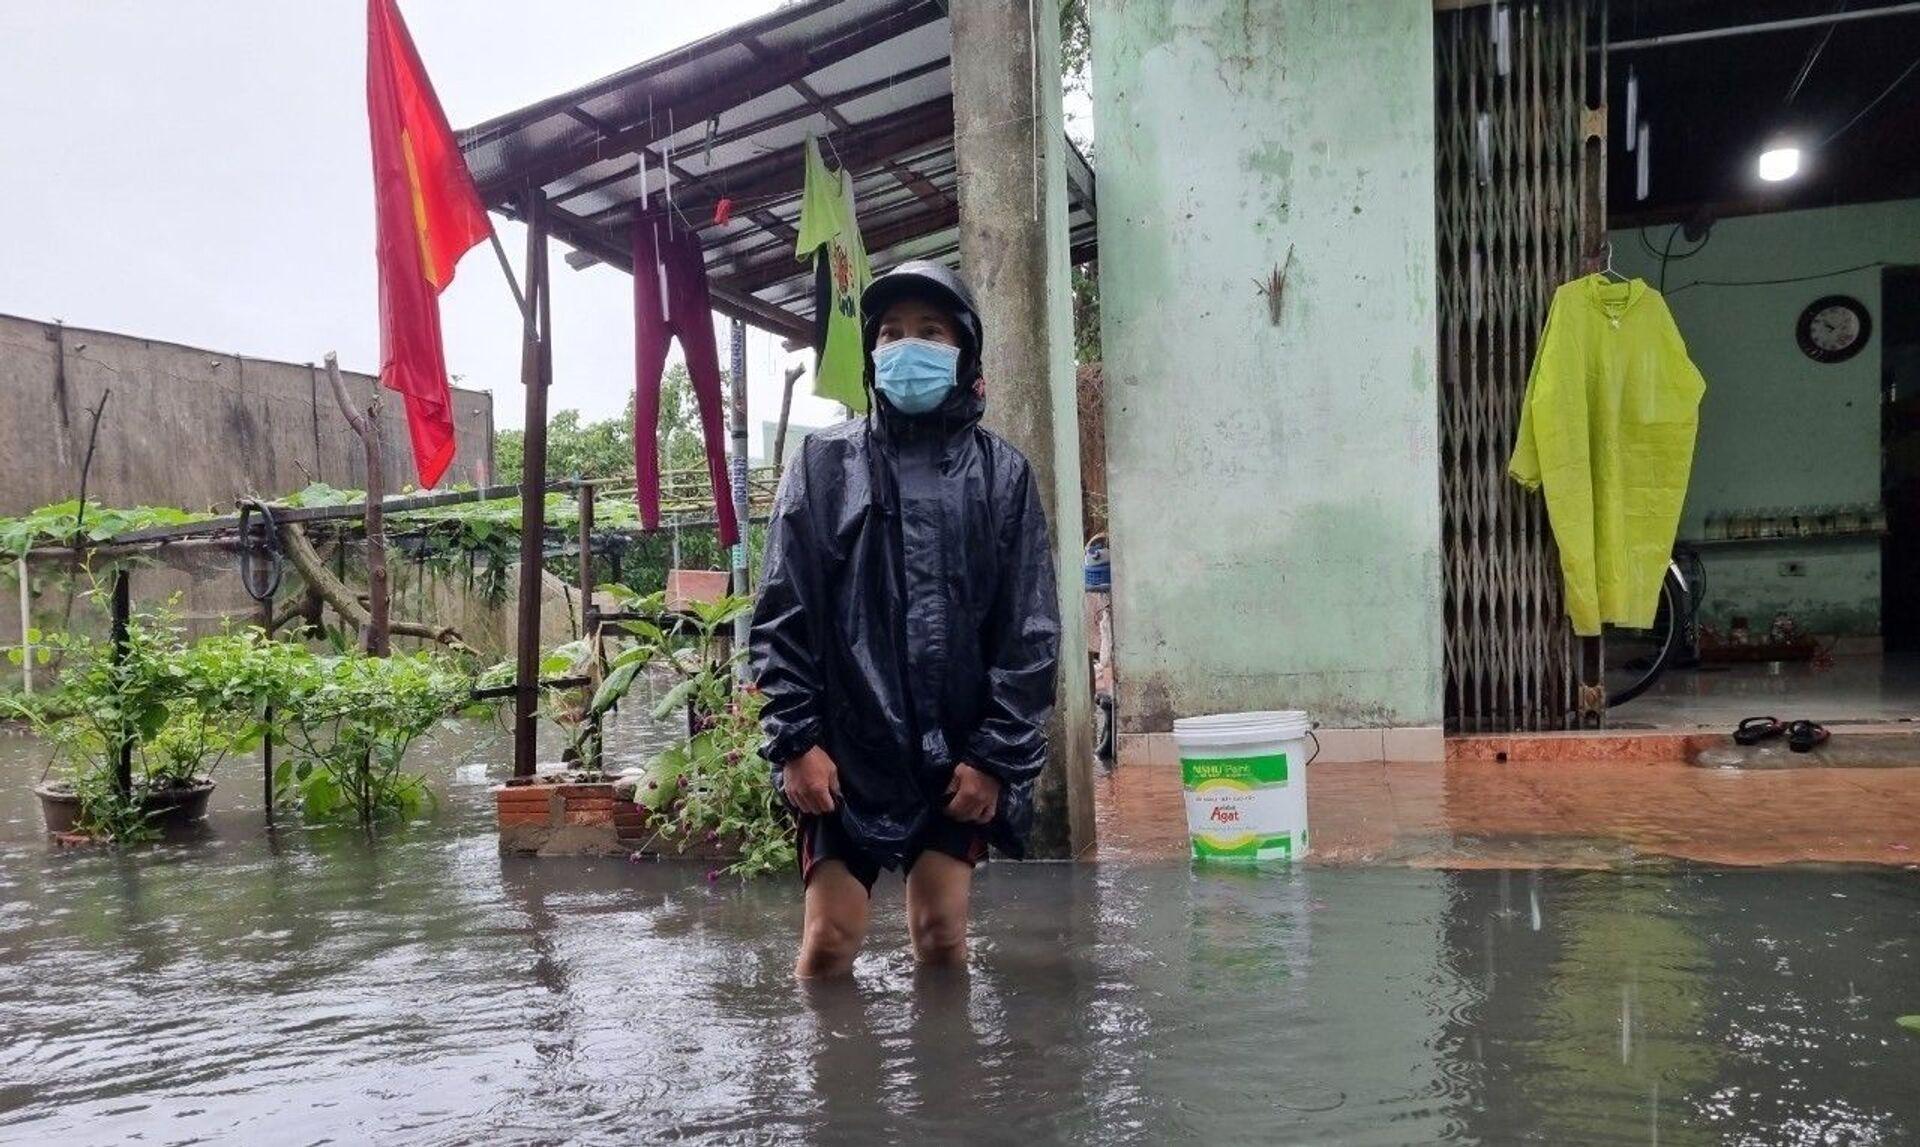 Do ảnh hưởng của bão số 5, mưa to kéo dài trên địa bàn Đà Nẵng khiến nhiều khu vực dân cư, tuyến đường bị ngập úng ảnh hưởng đến việc đi lại, sinh hoạt của người dân - Sputnik Việt Nam, 1920, 05.10.2021